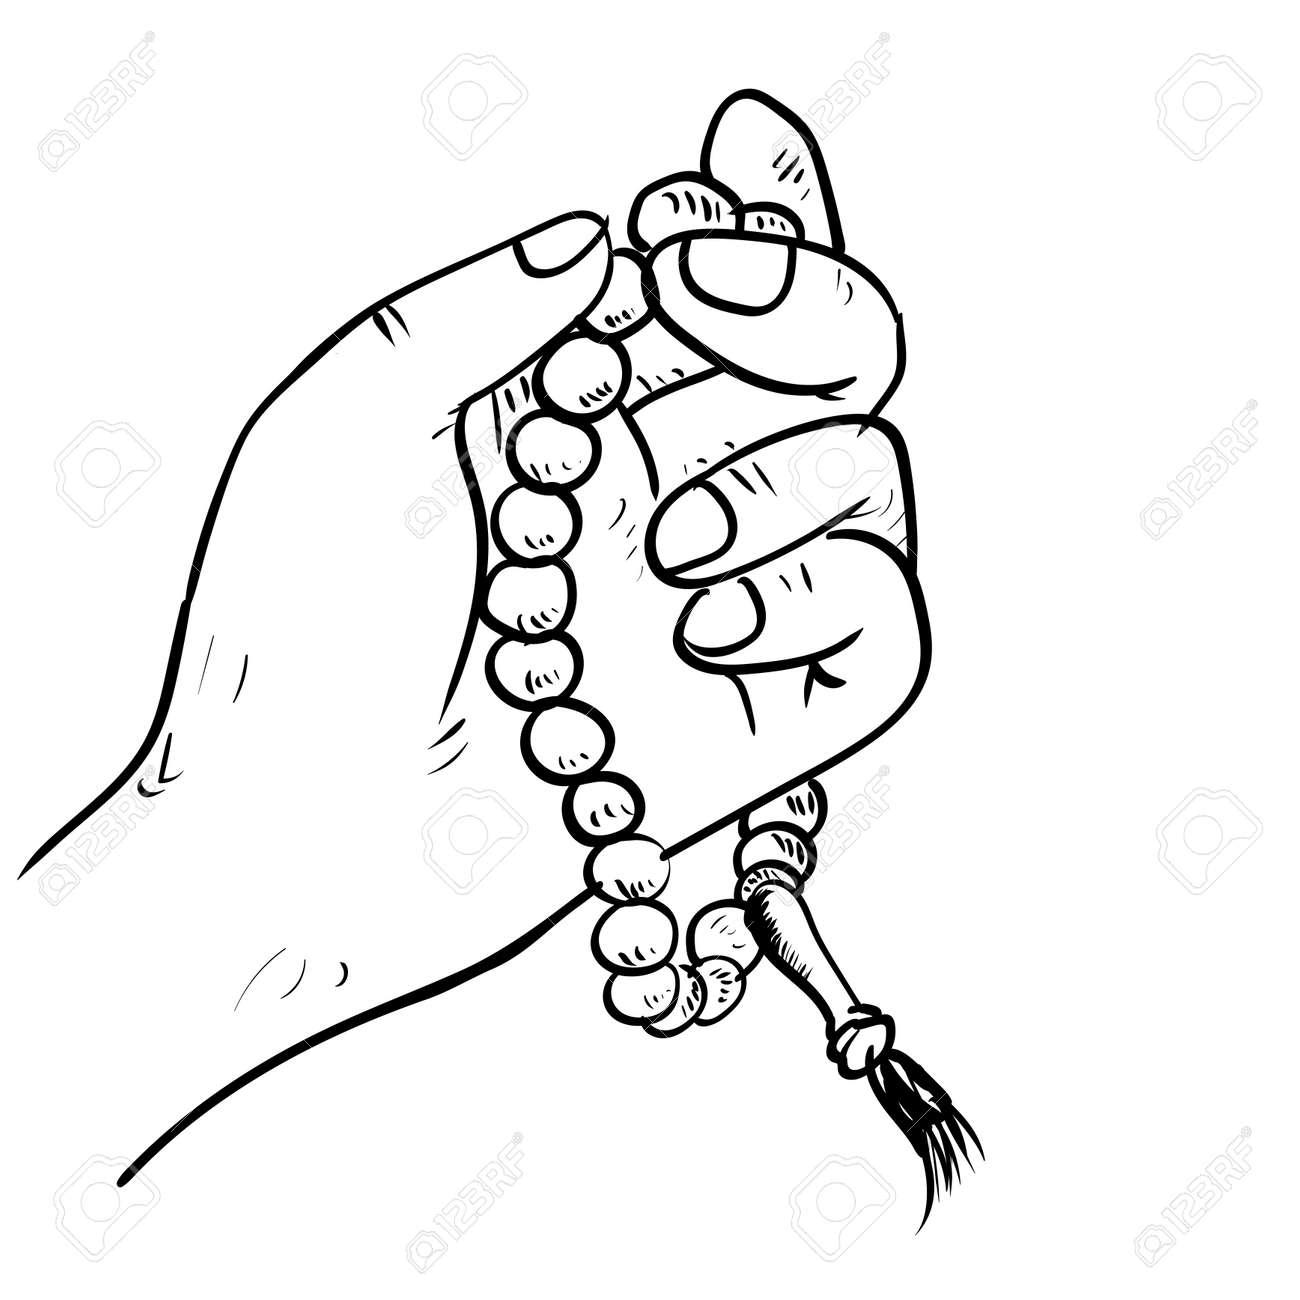 Mano Dibujada Mano Sosteniendo Cuentas De Oración Islámica En Estilo ...